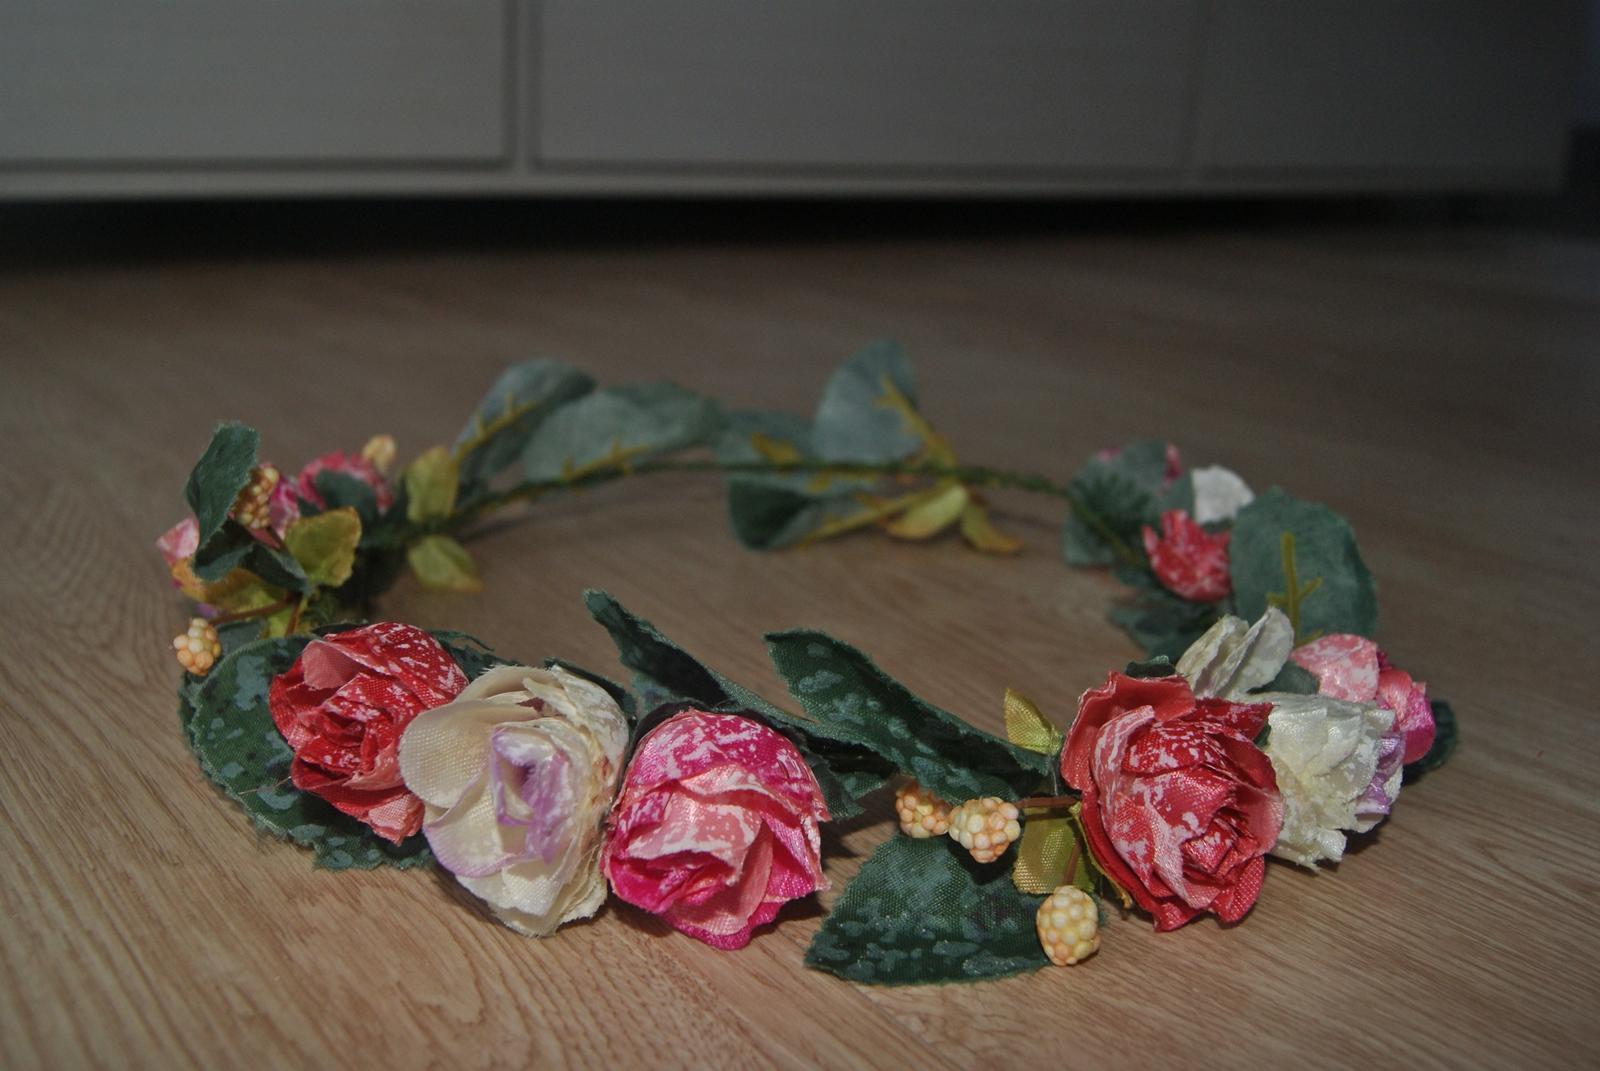 Friday favorites flower power flower crown ini gue beli dari online shop daaan harganya juga masih manusiawi laaah tapiiii bentuknya macem2 dan warnanya juga lucu2 sekaleeeeh izmirmasajfo